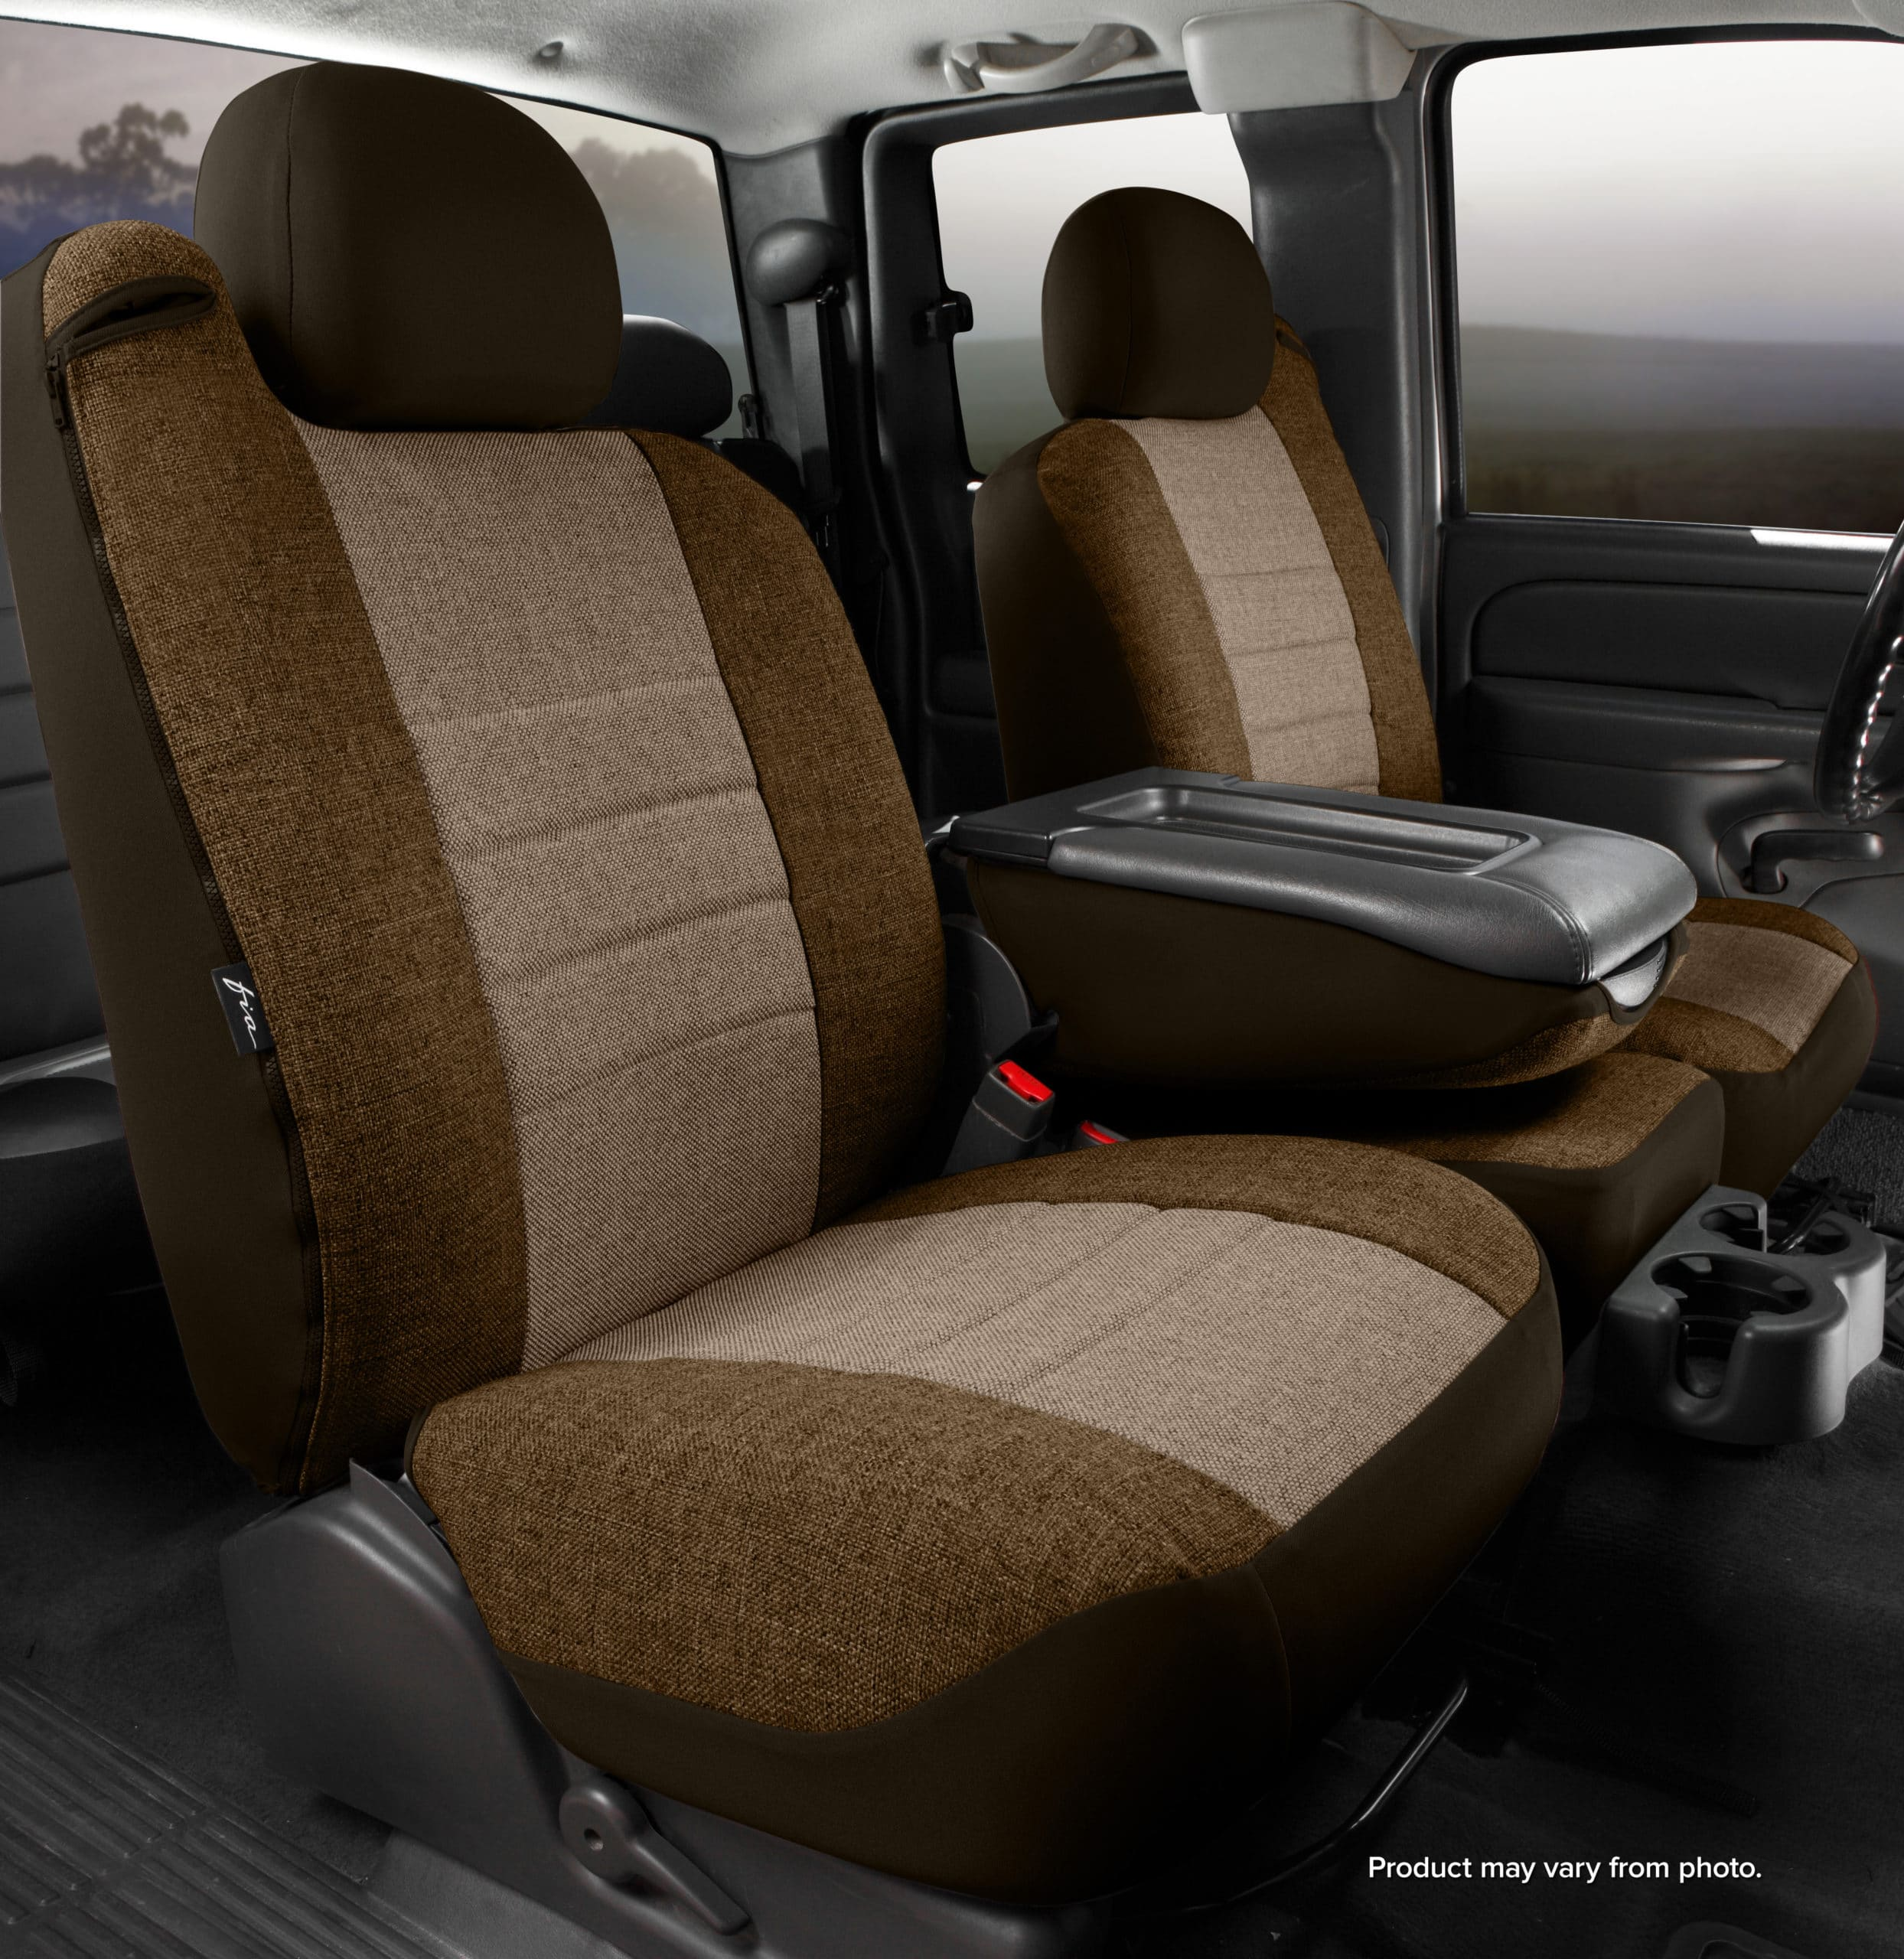 Fia OE Tweed Seat Covers